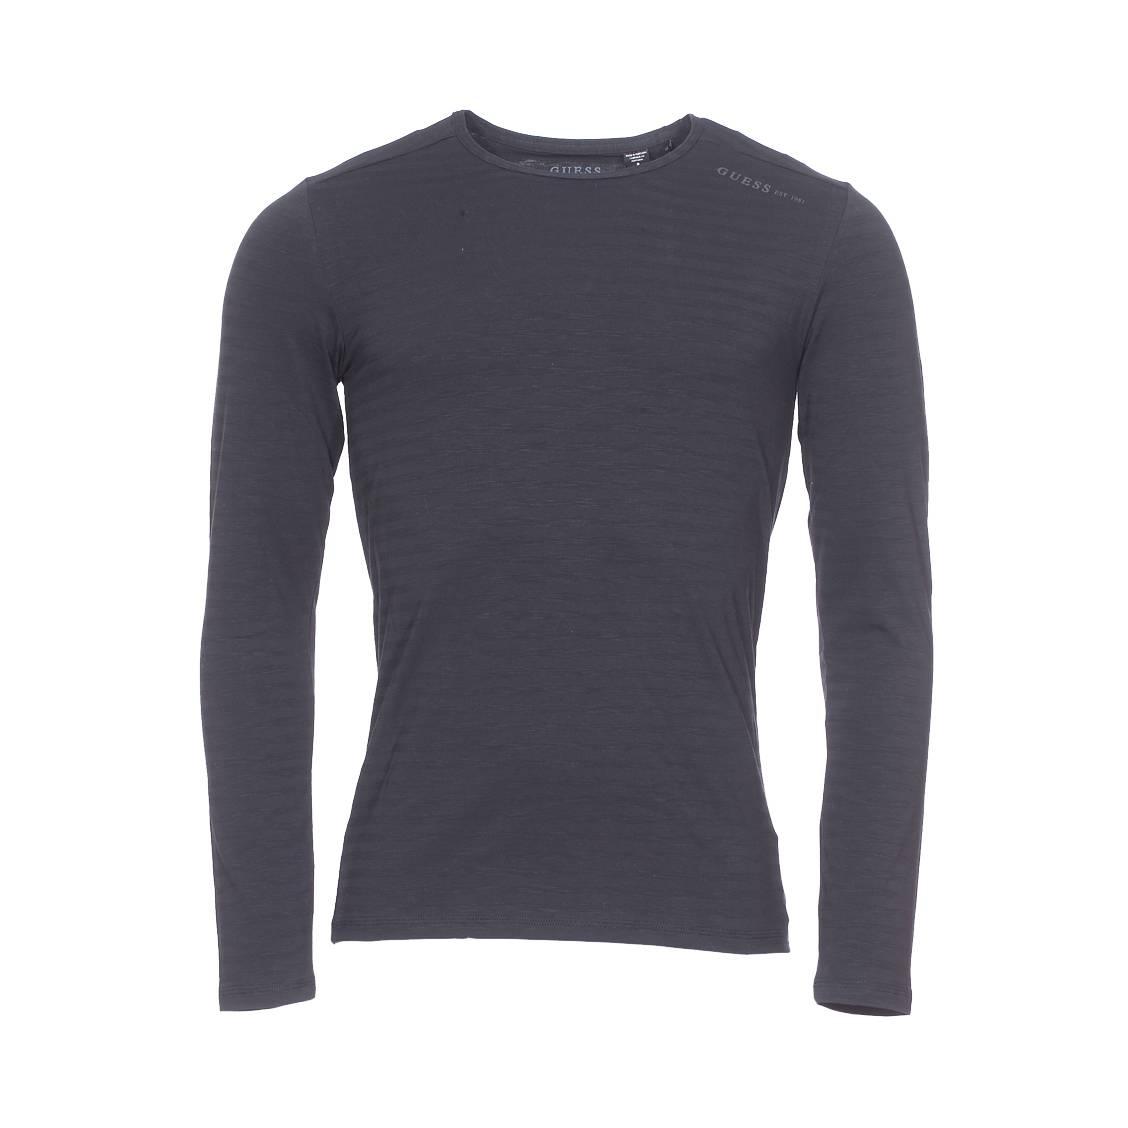 Tee-shirt col rond manches longues guess en coton stretch noir à rayures ton sur ton